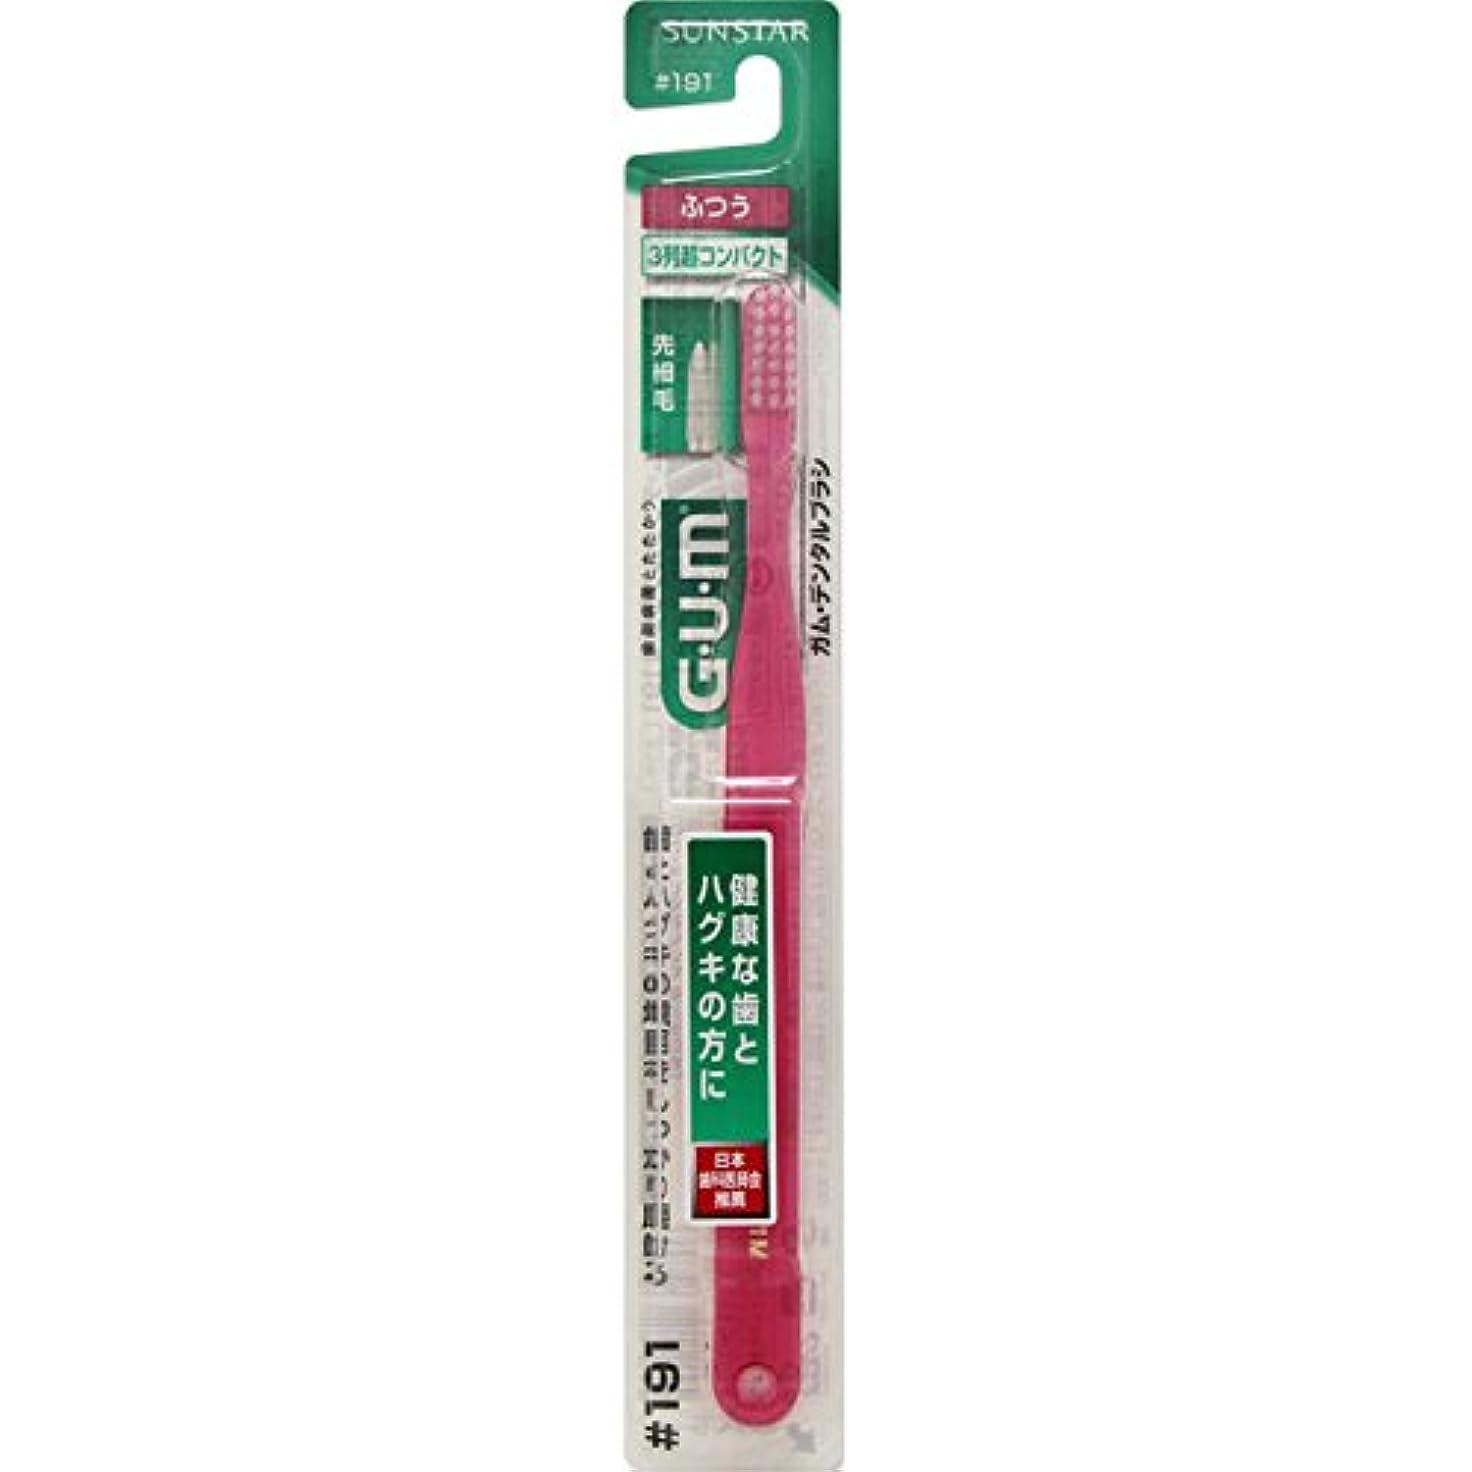 GUM(ガム) デンタルブラシ 3列超コンパクトヘッド ふつう